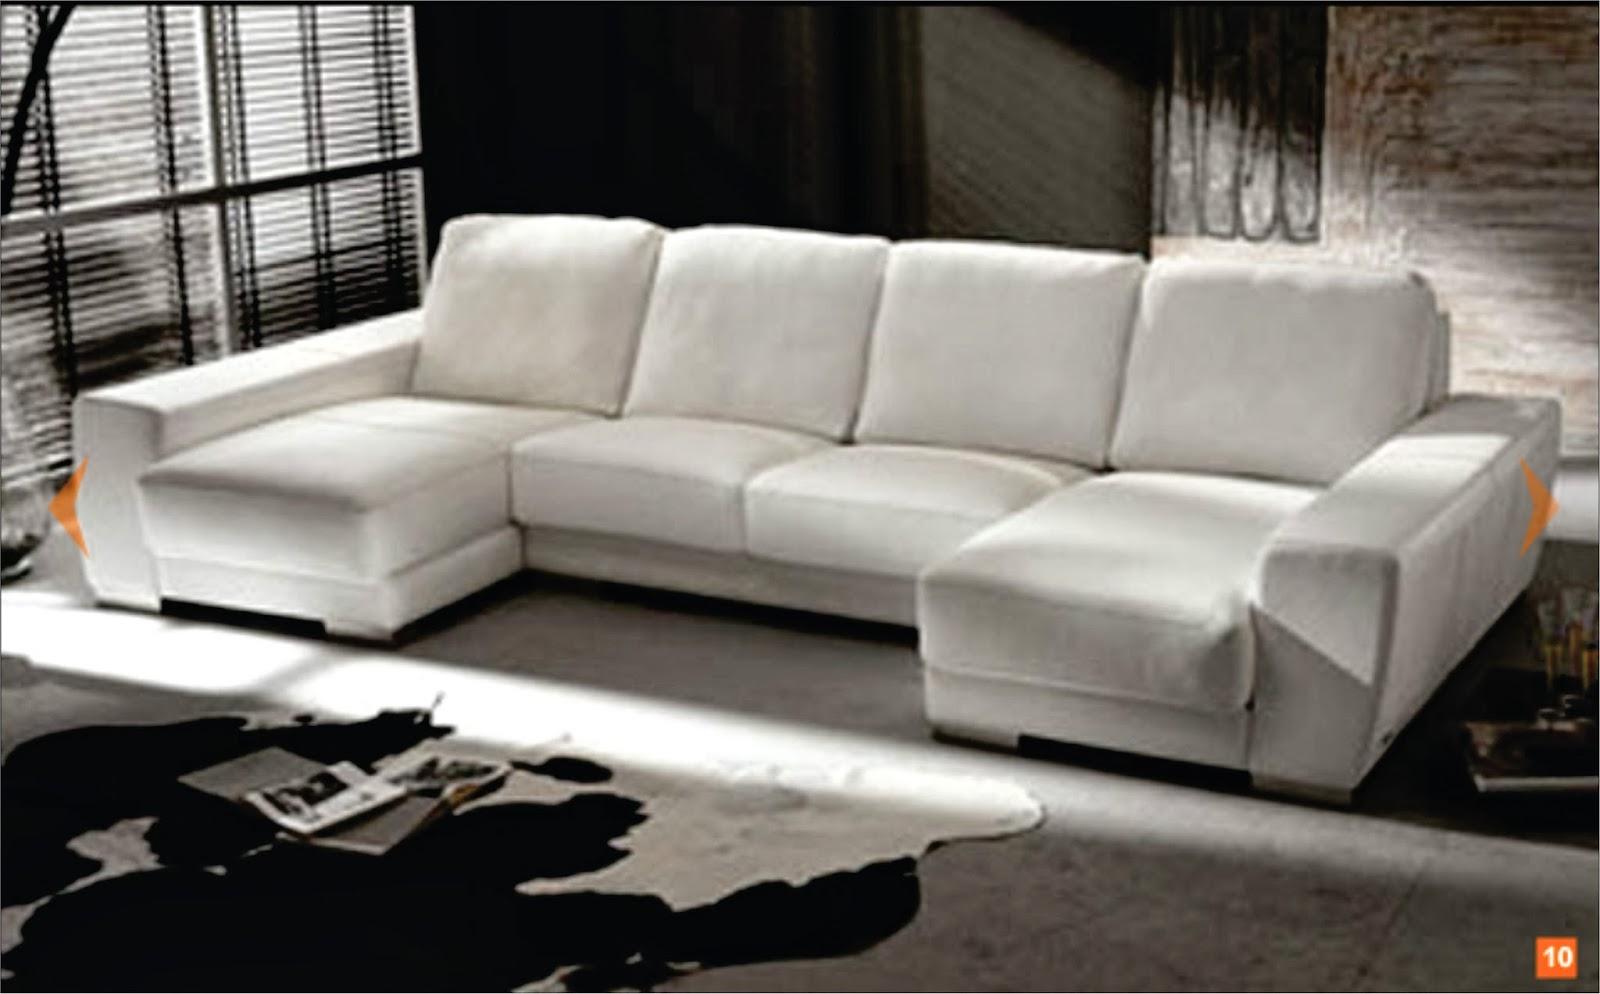 Tela bata muebles con ideas for Sillones living para espacios reducidos